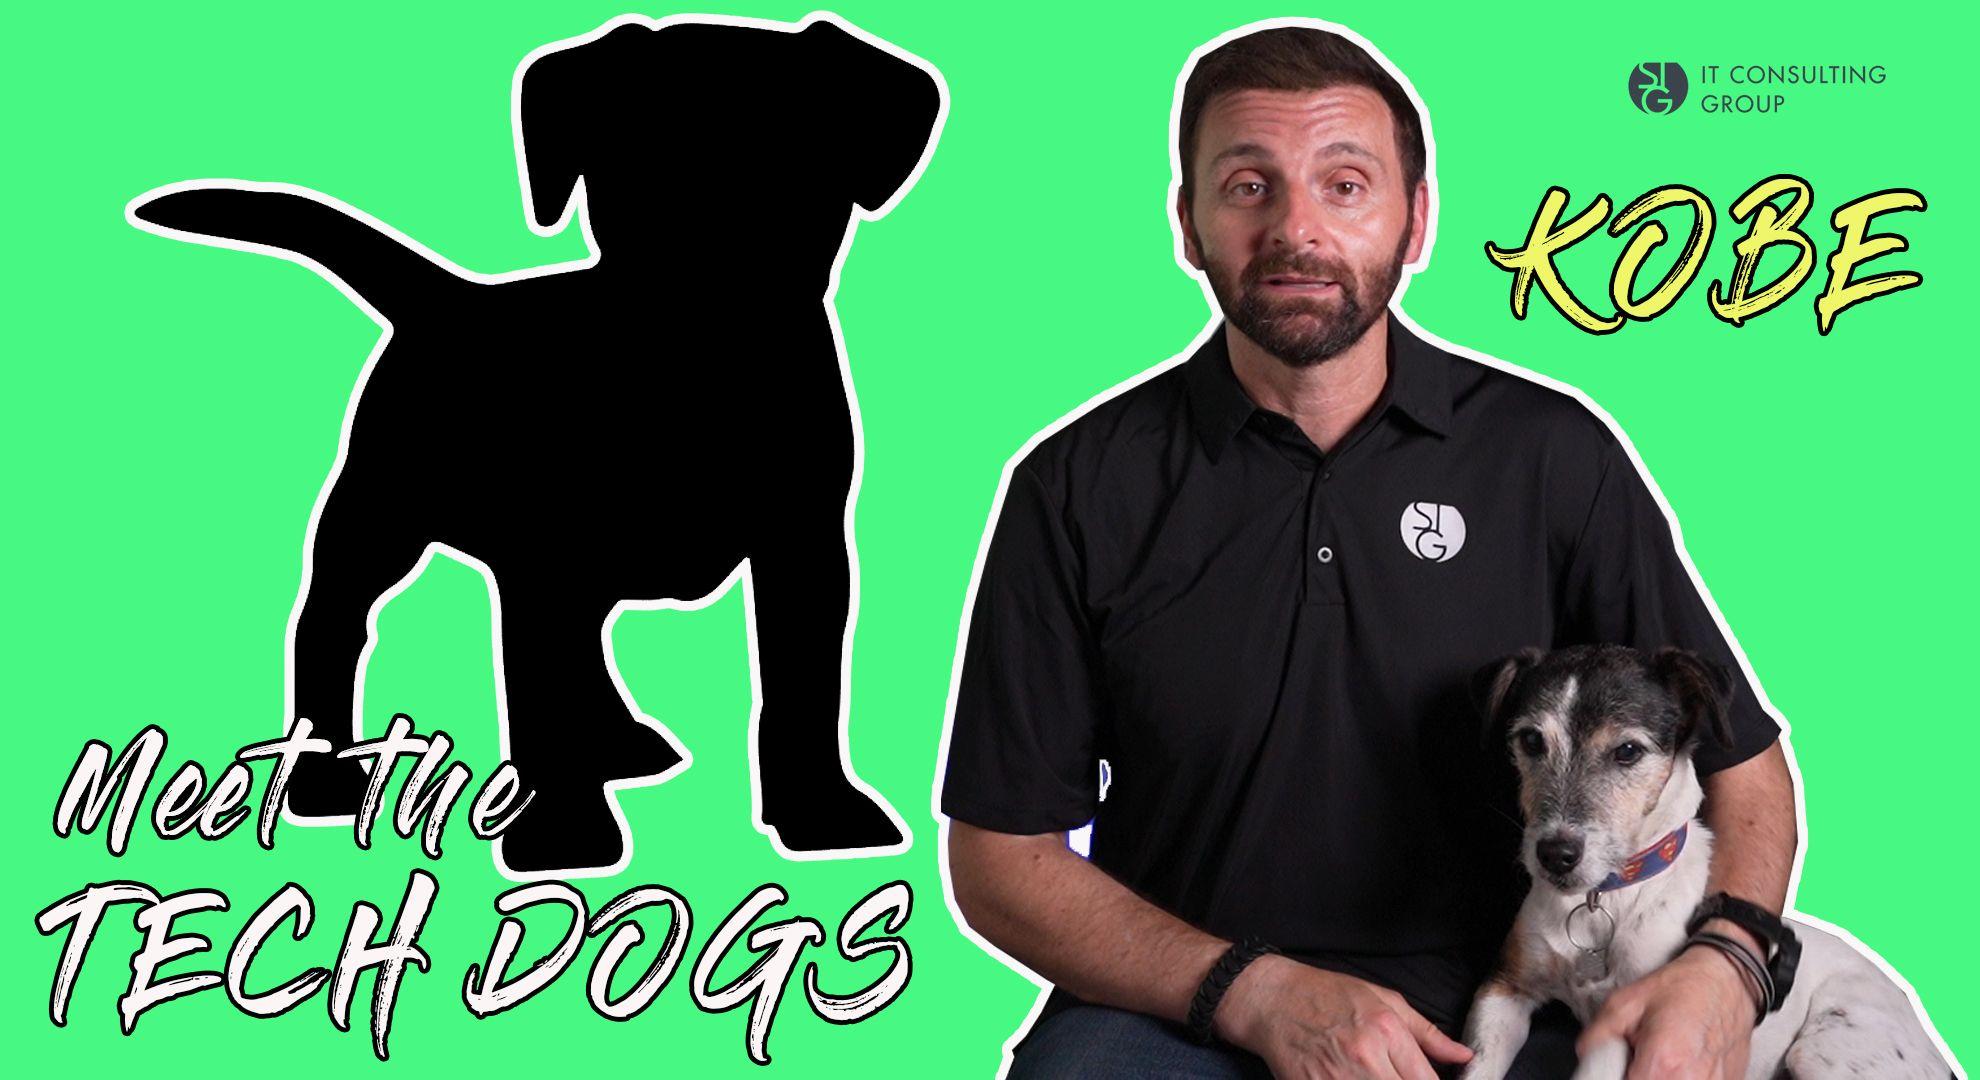 Meet the Tech Dogs! KOBE